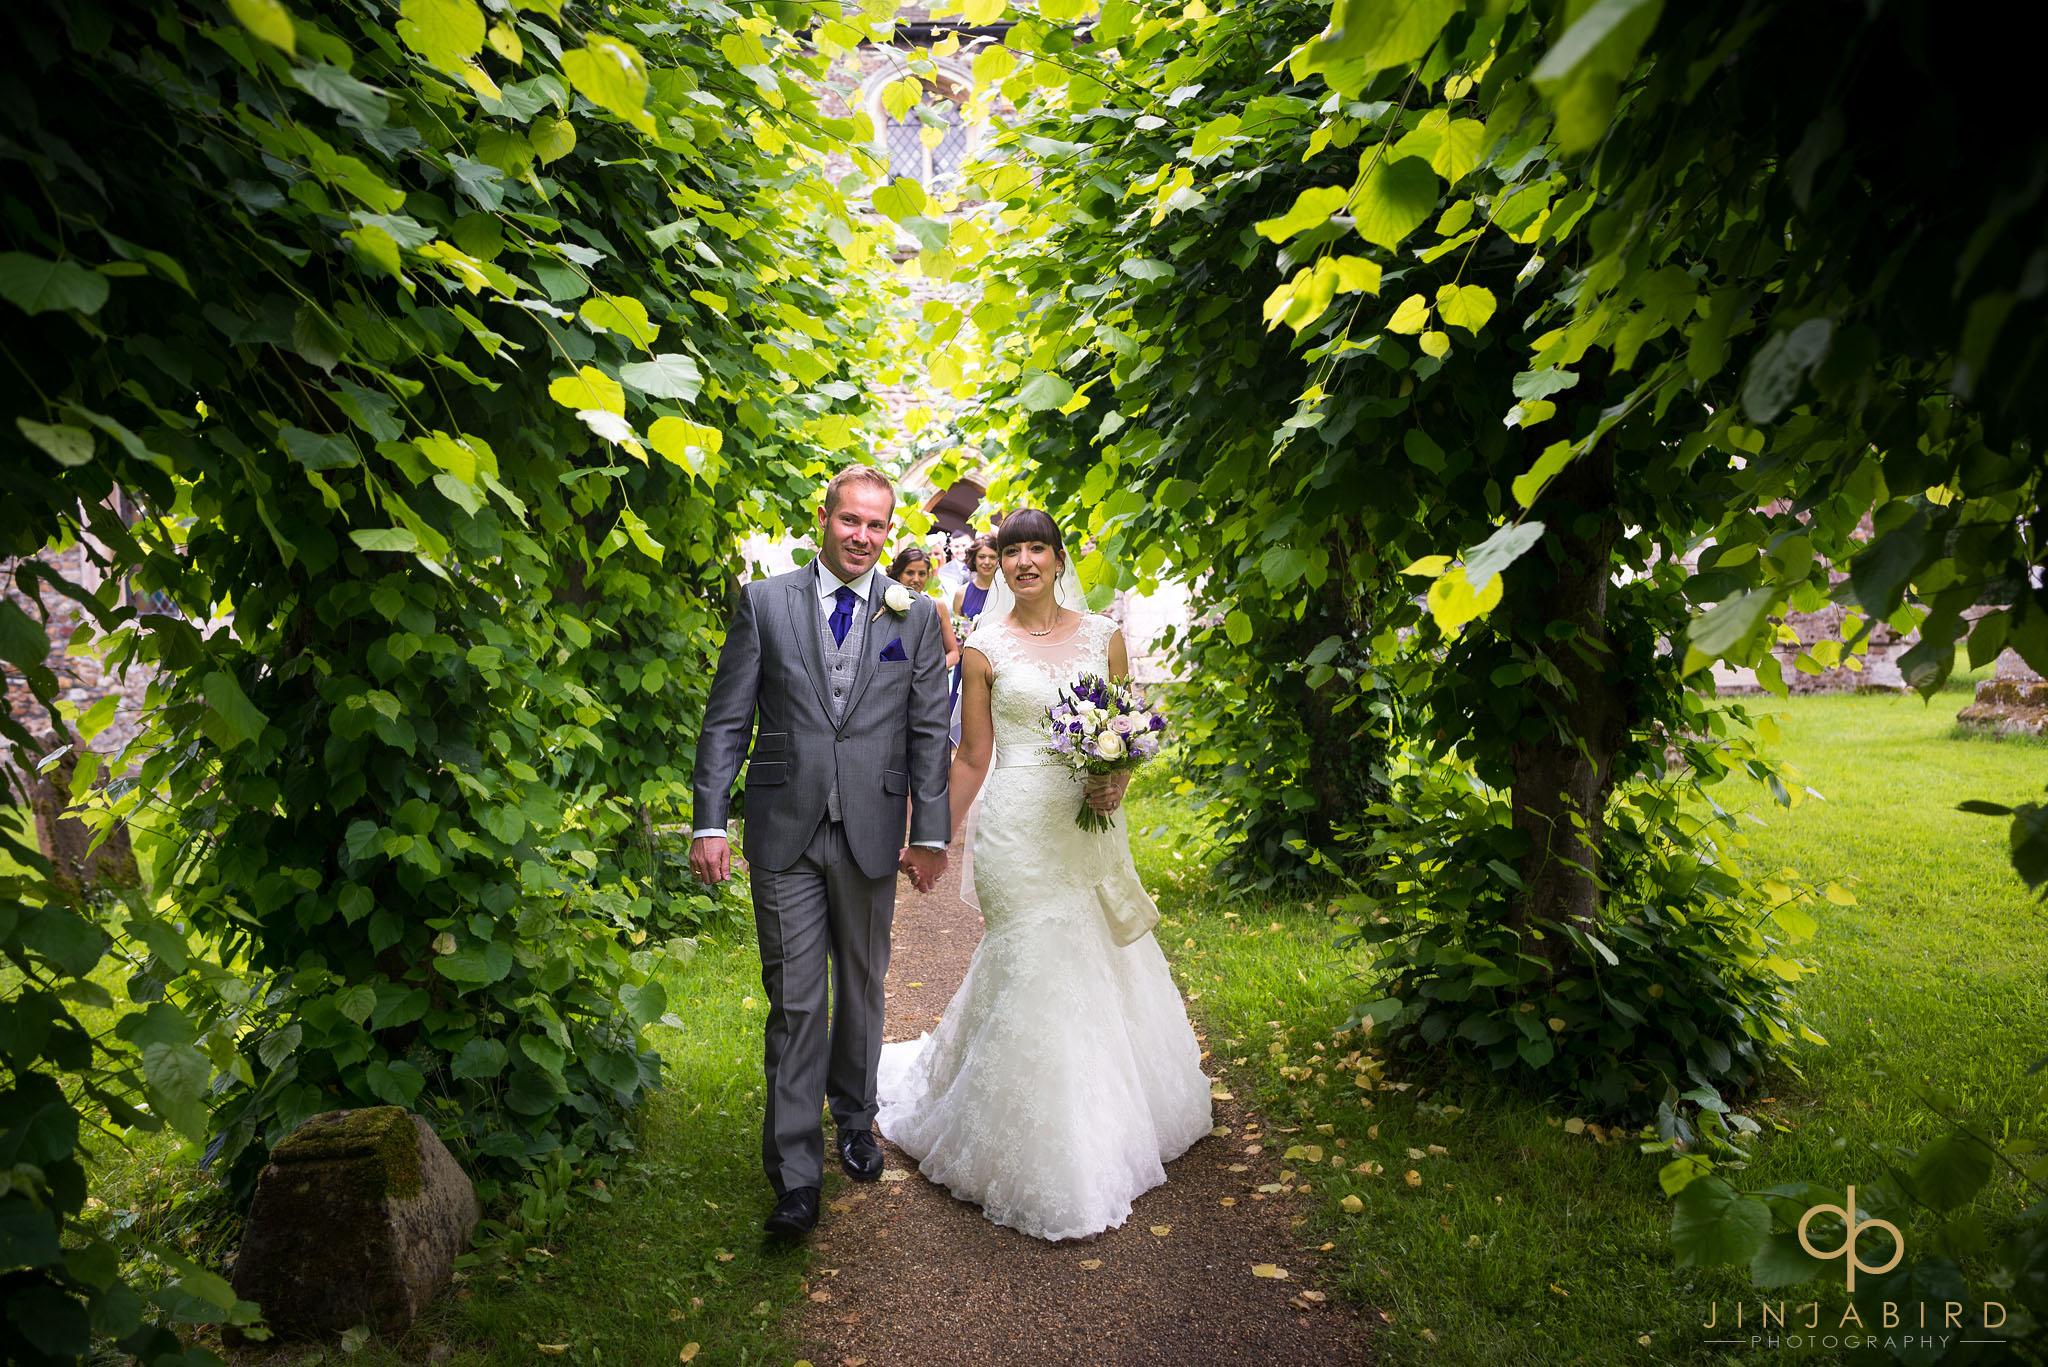 weddings at st-mary magdalene church hilton